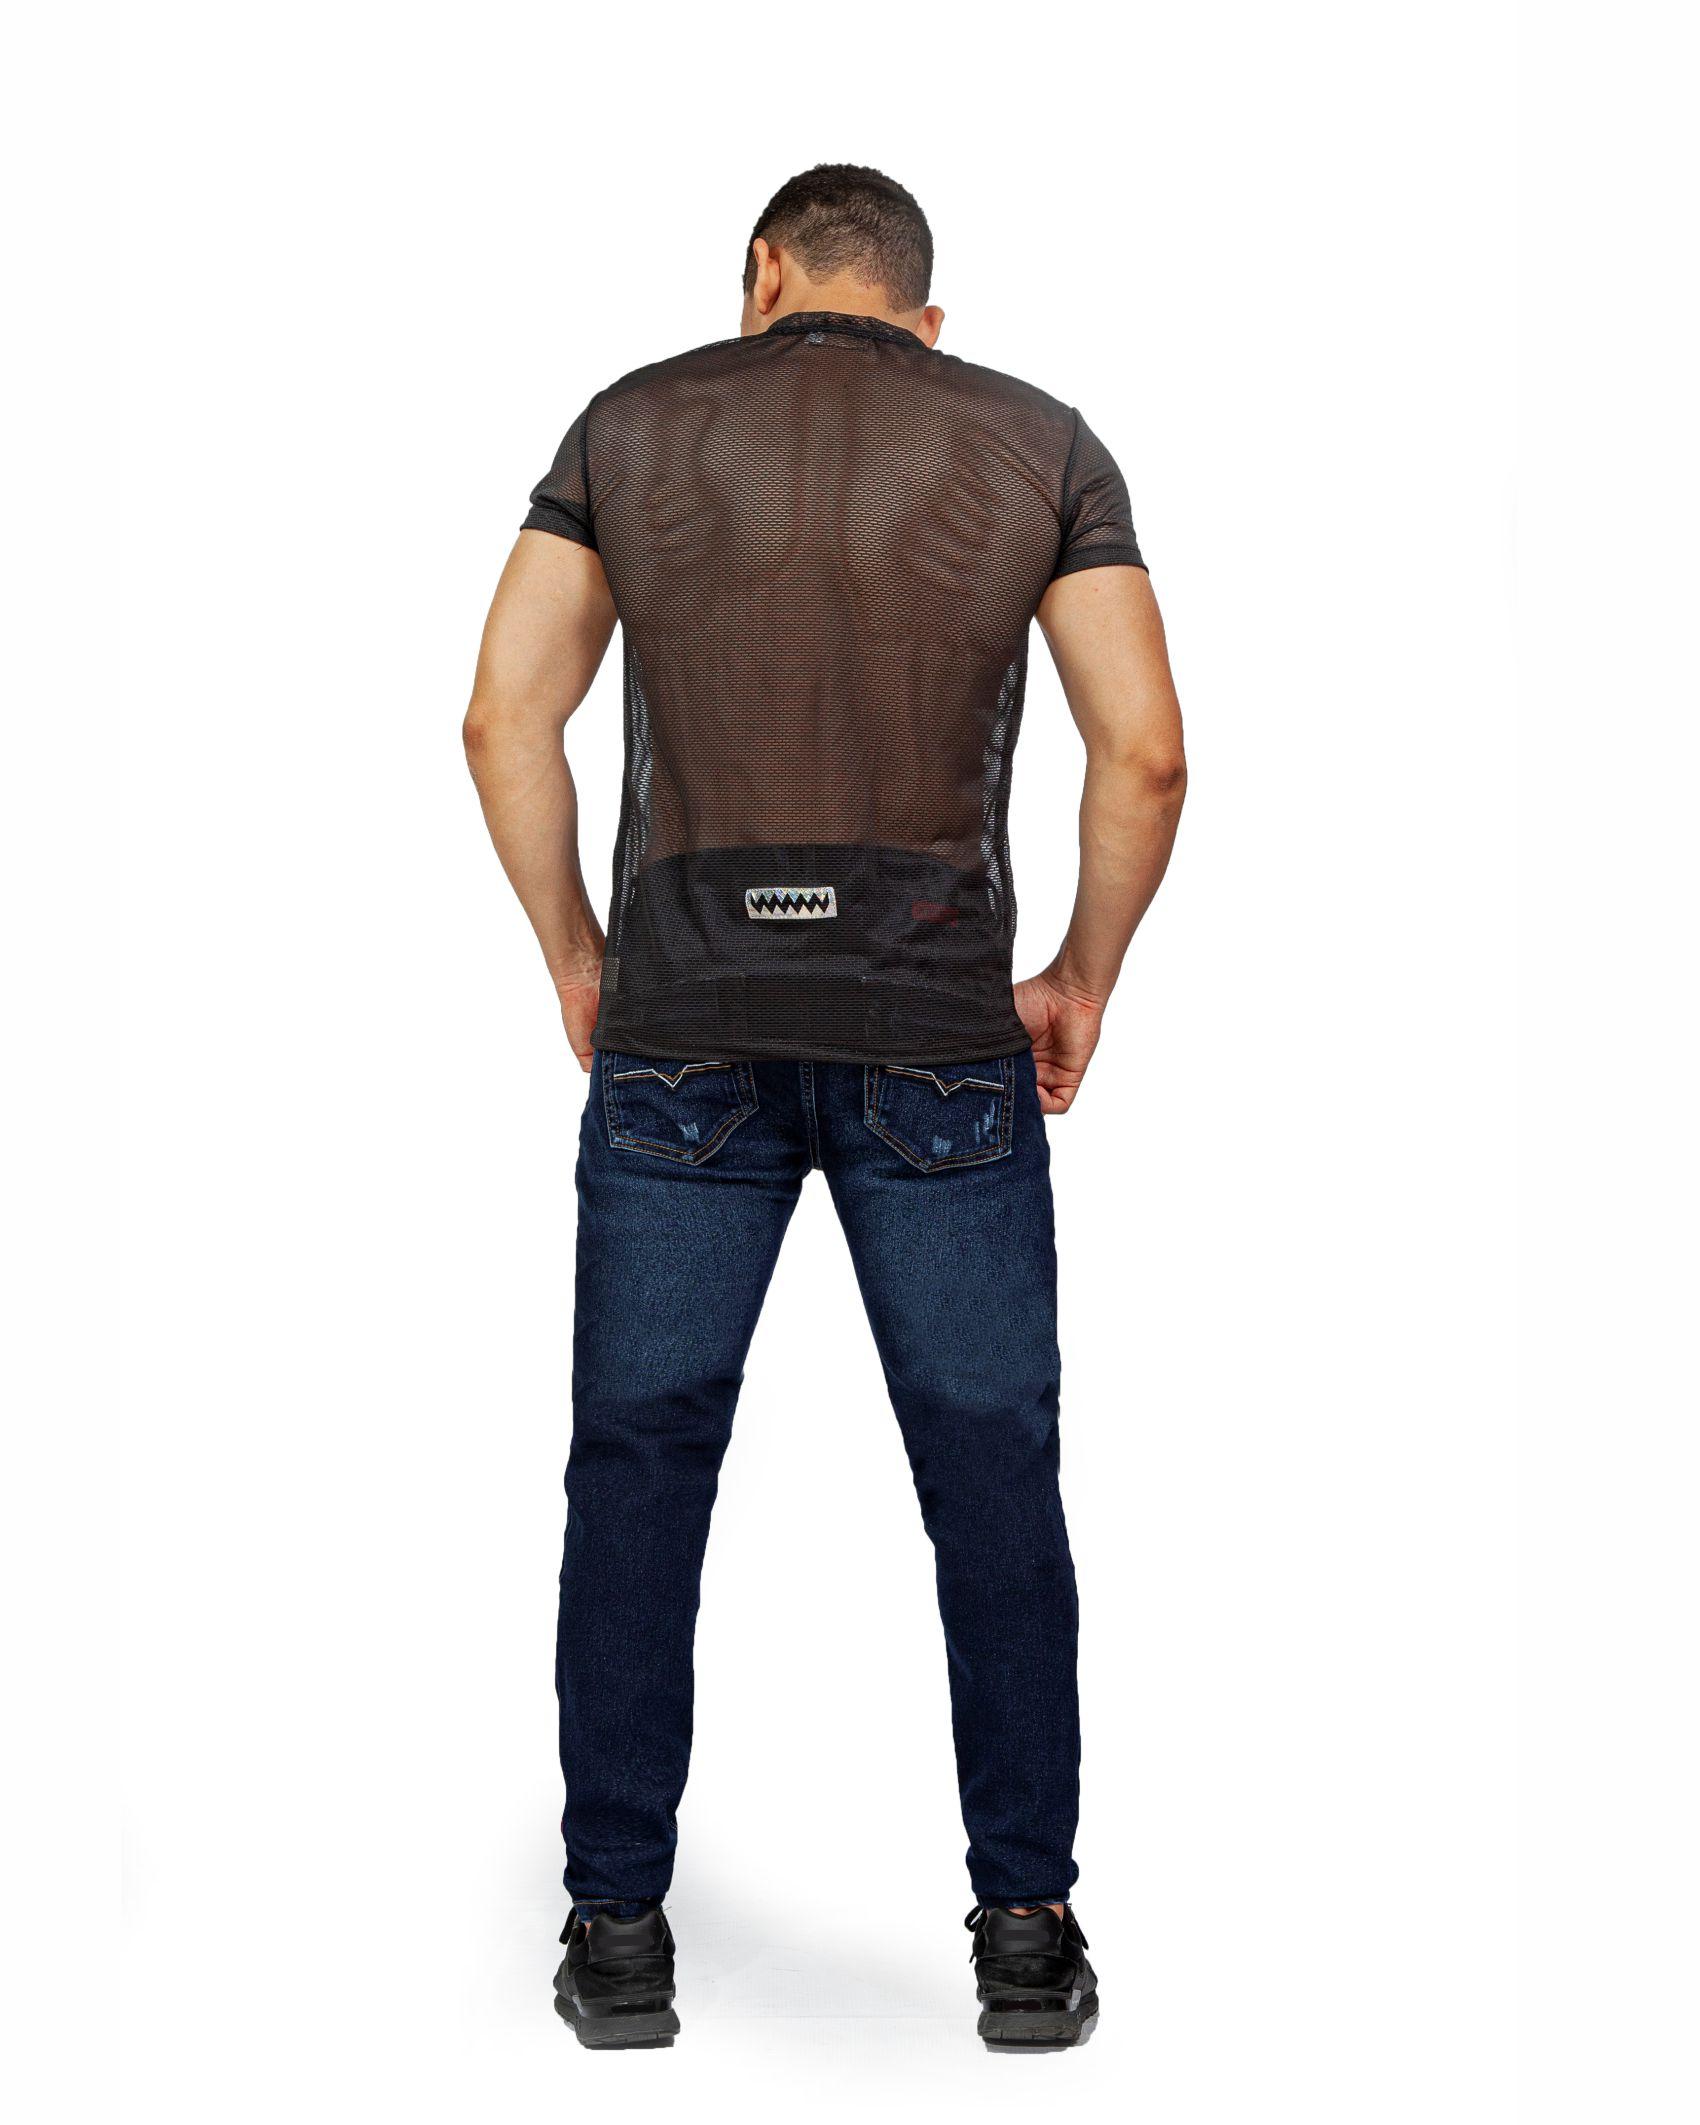 ref 1763 3 jean azul oscuro clasico B, tela jean en algodon 70% + 2% expande +poliester 28%. talla 28 30 32 34 36 38 $85.000